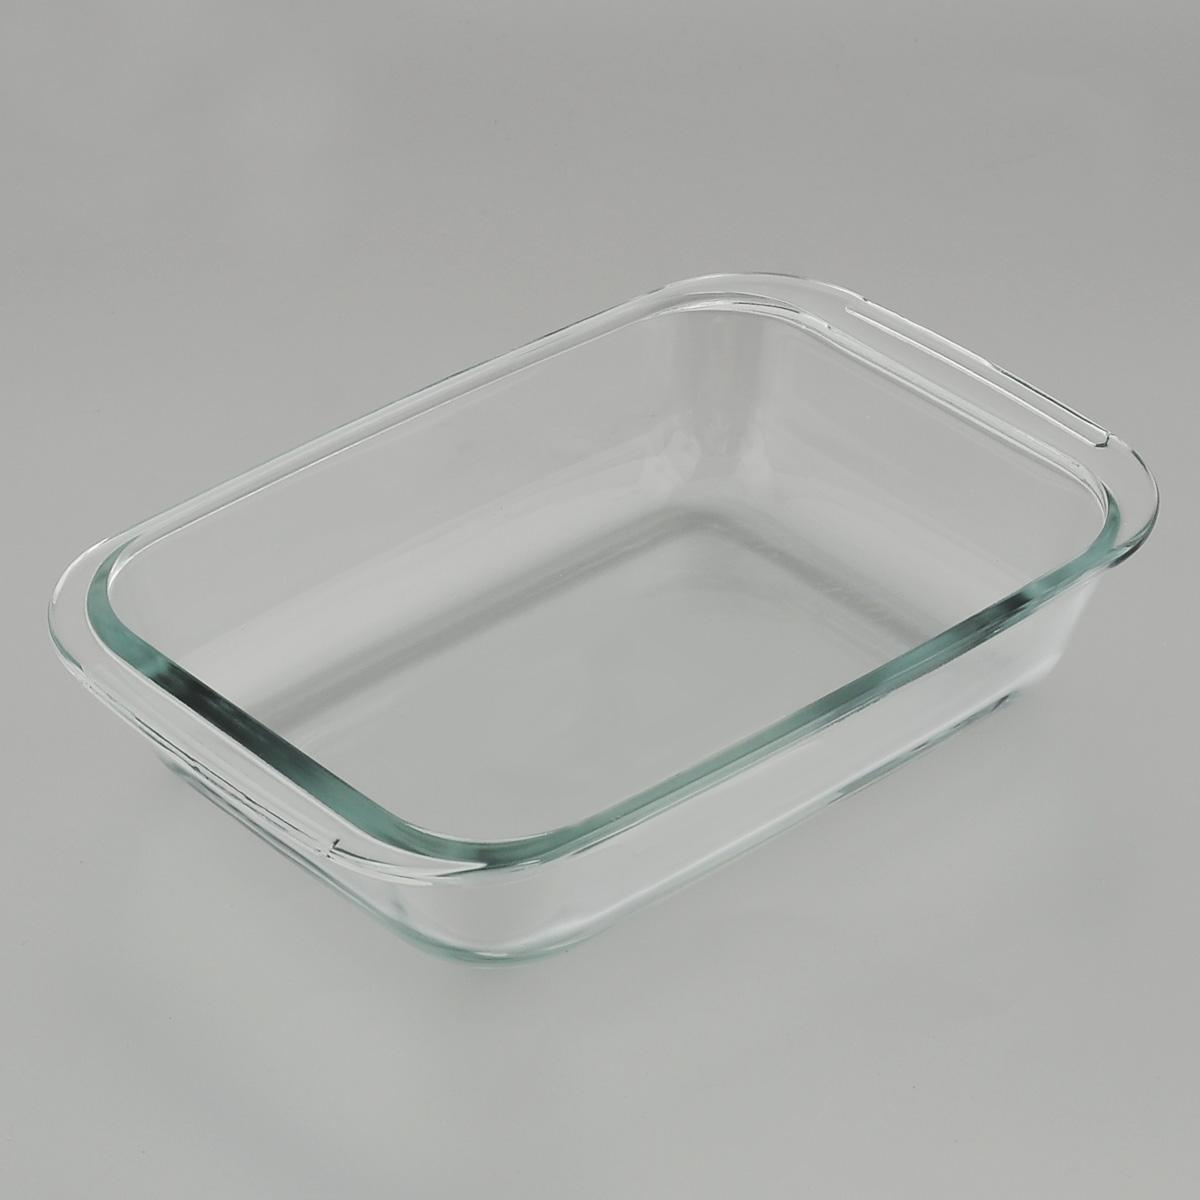 Форма для запекания Mijotex, прямоугольная, 23 х 15 смPL7Прямоугольная форма для запекания Mijotex изготовлена из жаропрочного стекла, которое выдерживает температуру до +450°С. Форма предназначена для приготовления горячих блюд. Оснащена двумя ручками. Материал изделия гигиеничен, прост в уходе и обладает высокой степенью прочности. Форма идеально подходит для использования в духовках, микроволновых печах, холодильниках и морозильных камерах. Также ее можно использовать на газовых плитах (на слабом огне) и на электроплитах. Можно мыть в посудомоечной машине. Внутренний размер формы: 19 см х 15 см. Внешний размер формы (с учетом ручек): 23 см х 15 см. Высота стенки формы: 5 см.